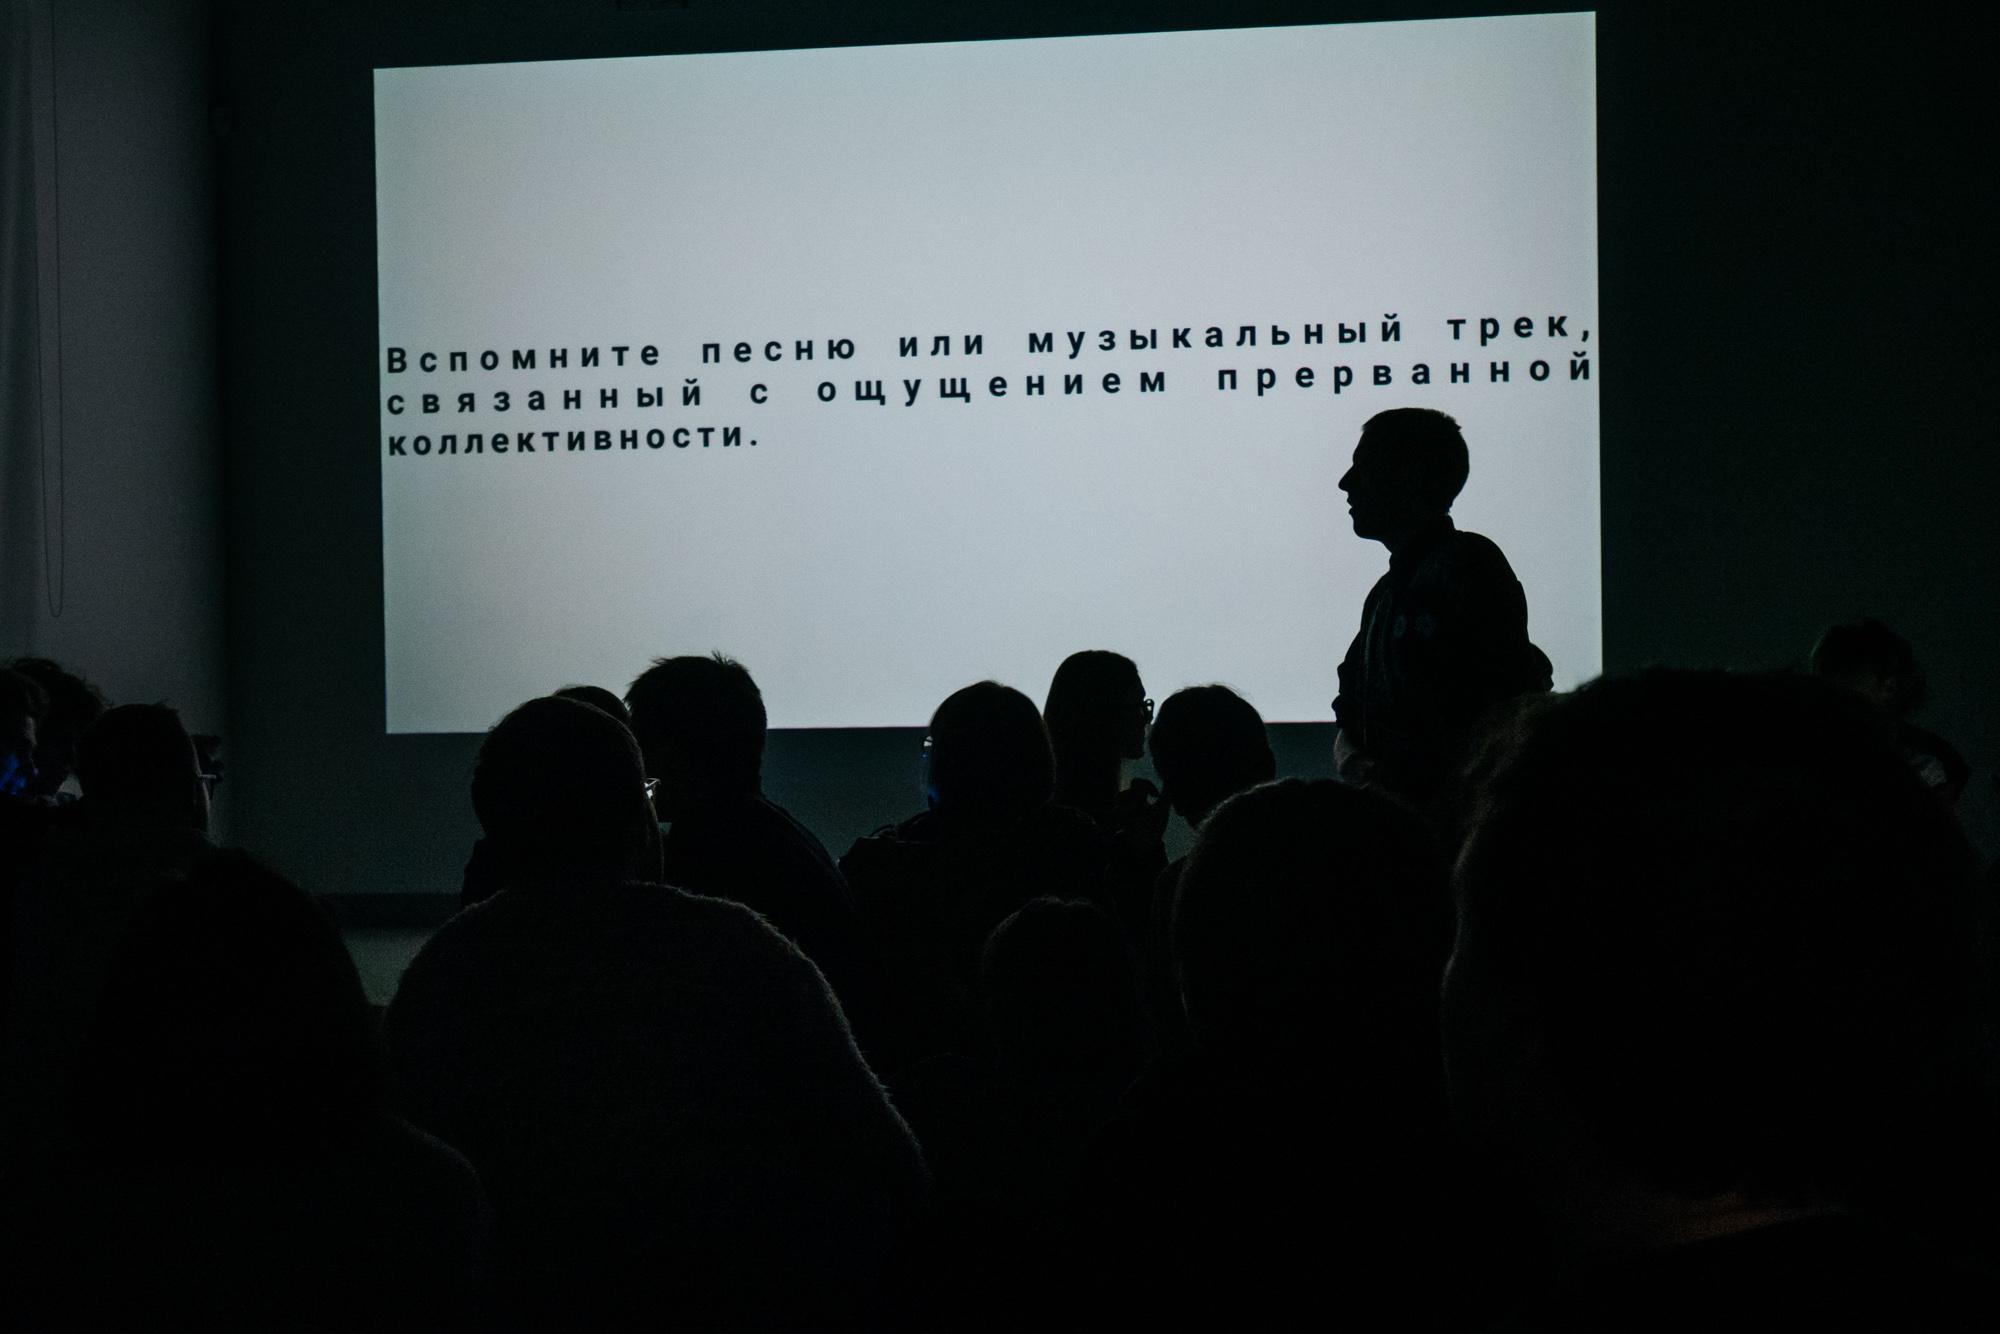 Перформативный семинар «Усталость и фармахореография» рабочей группы РБОБ. Москва, 2019 год